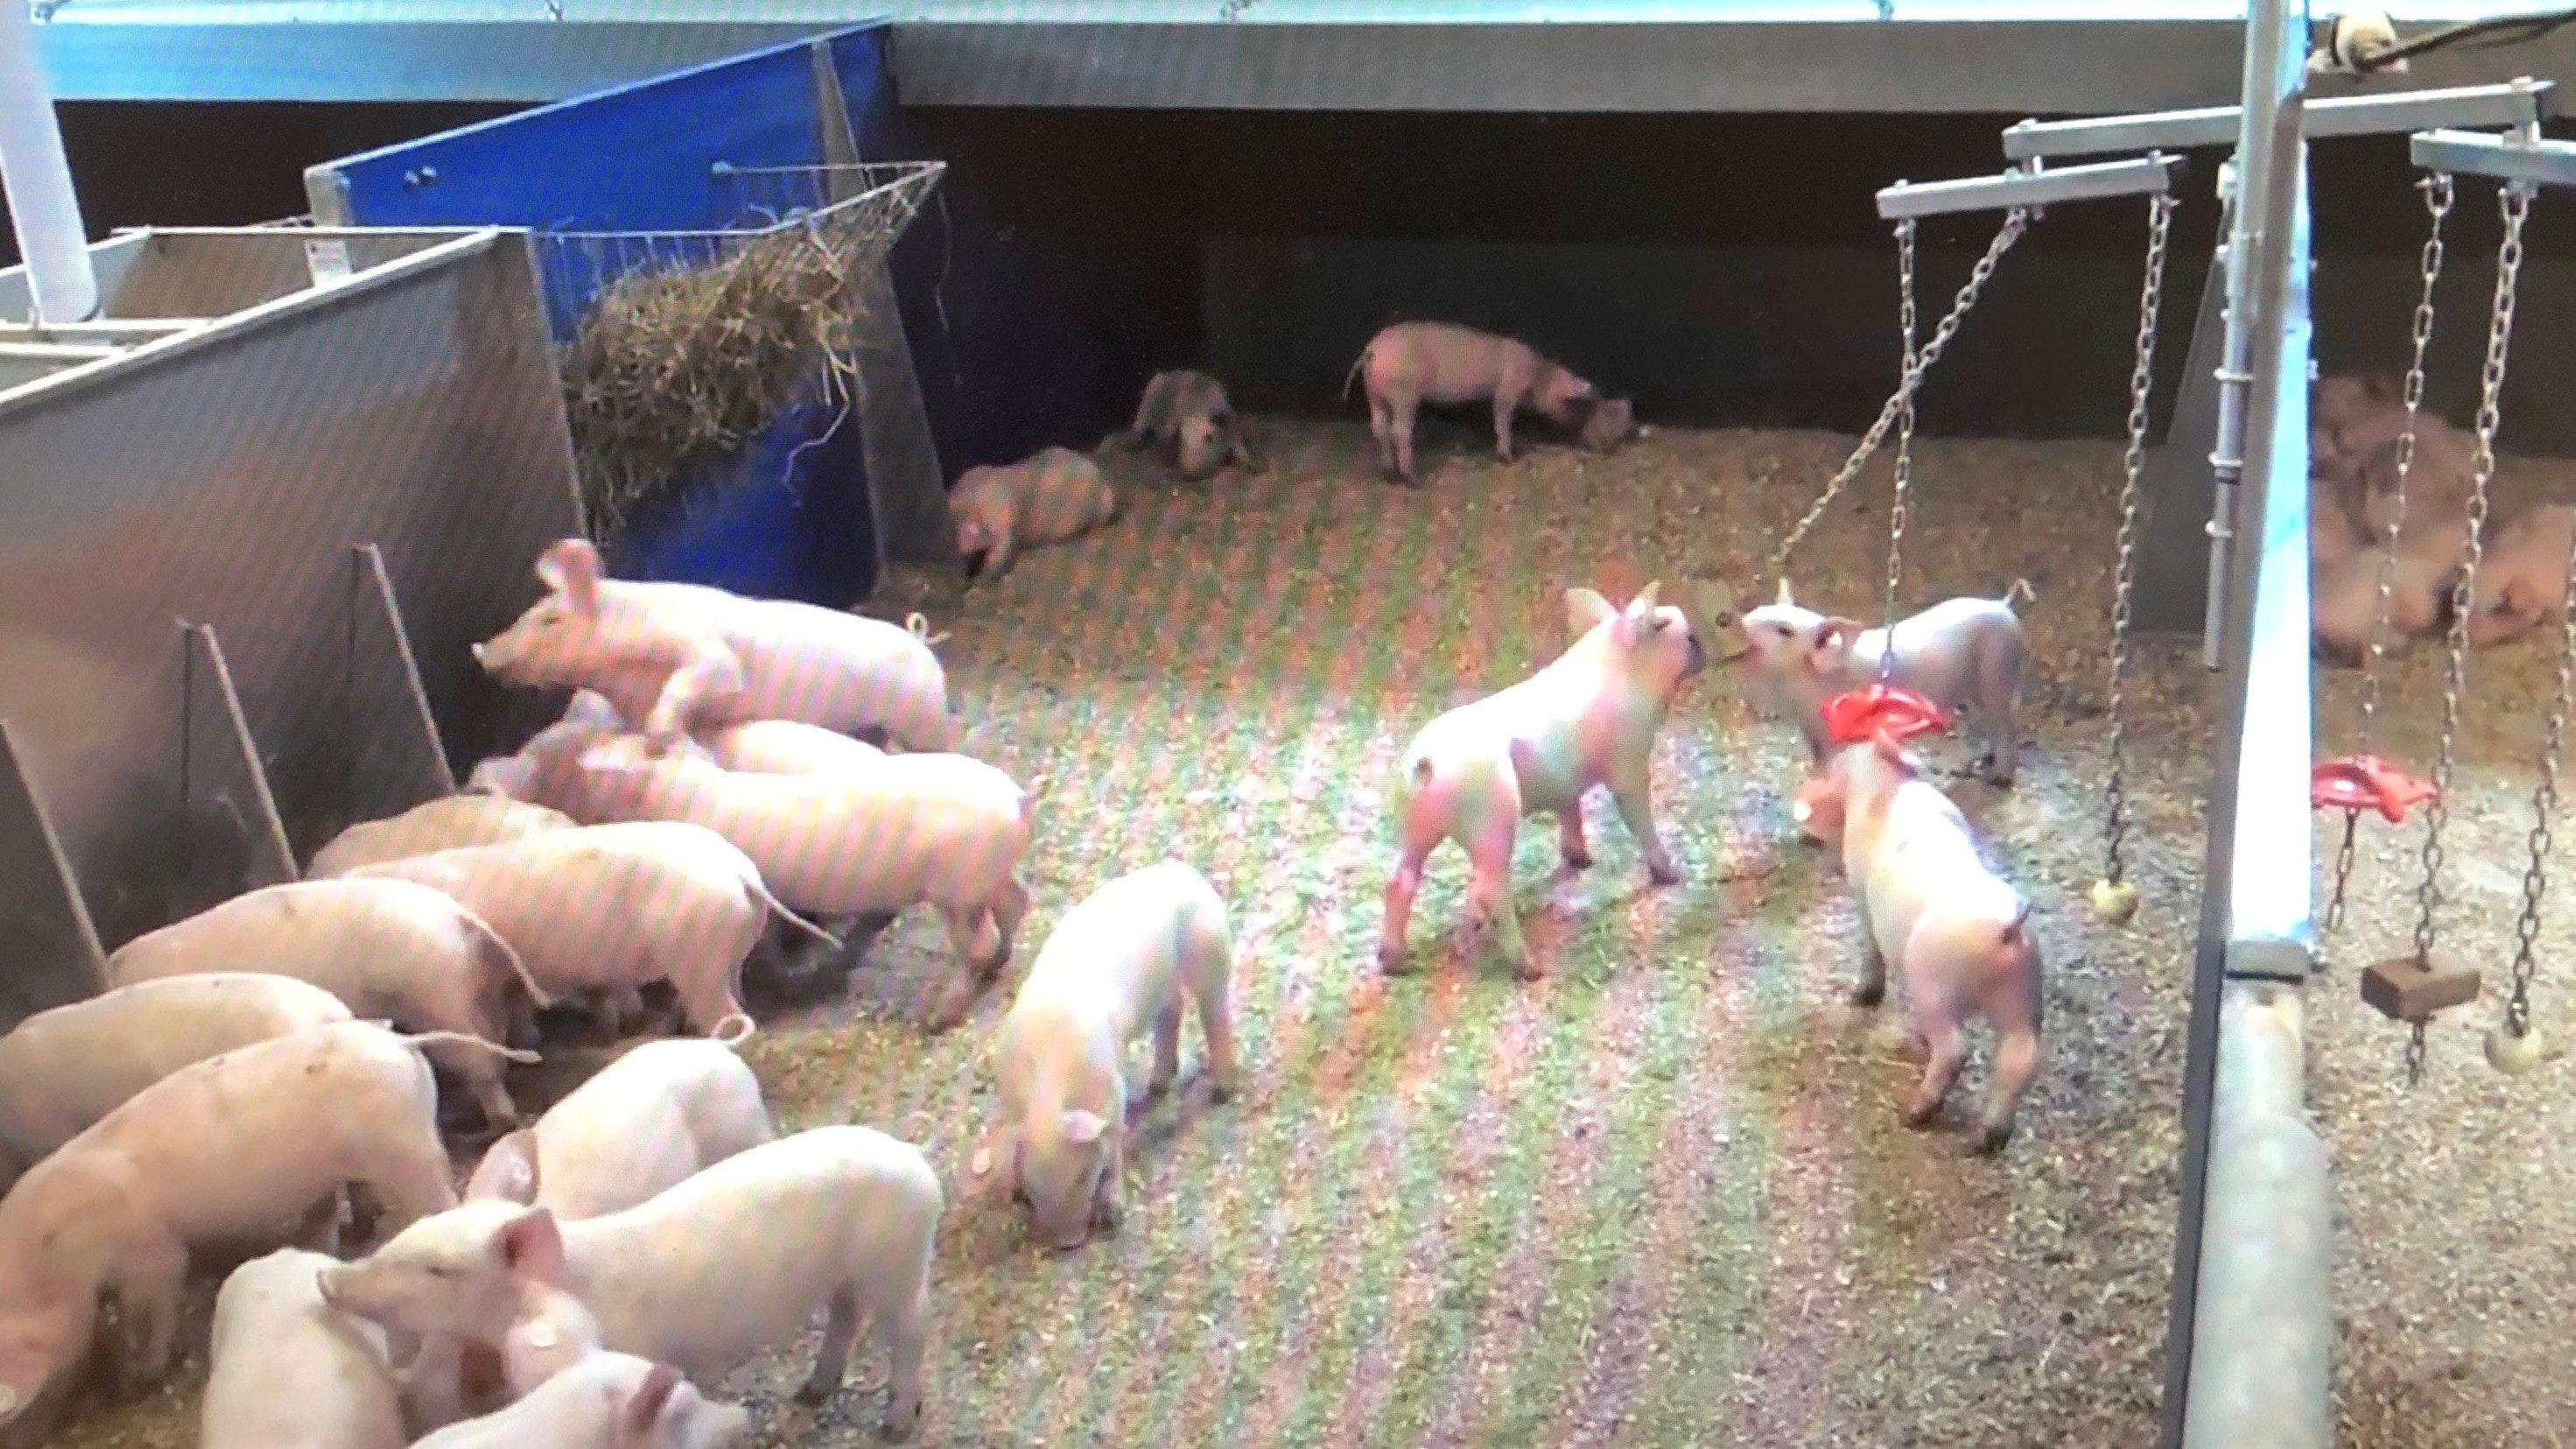 Viel Platz: Im Havito-Stall soll das Tierwohl der Schweine verbessert werden. Archivfoto: Böckmann